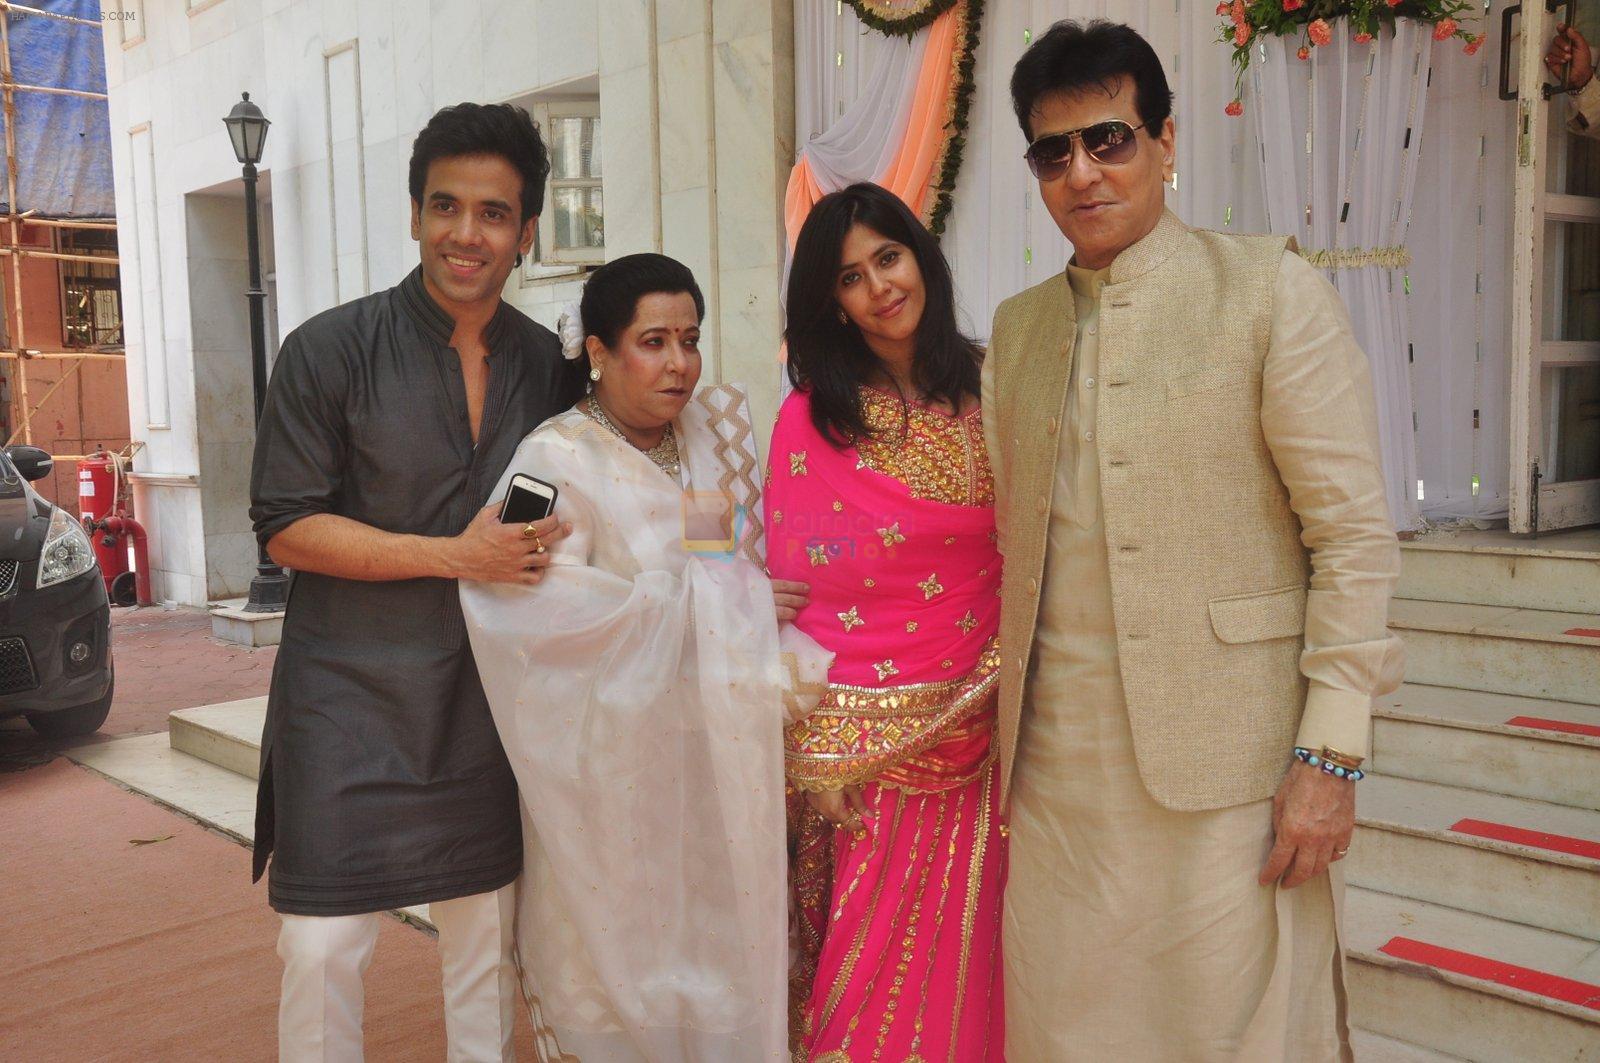 What Would Happen If Ekta Kapoor Directed Your Wedding?